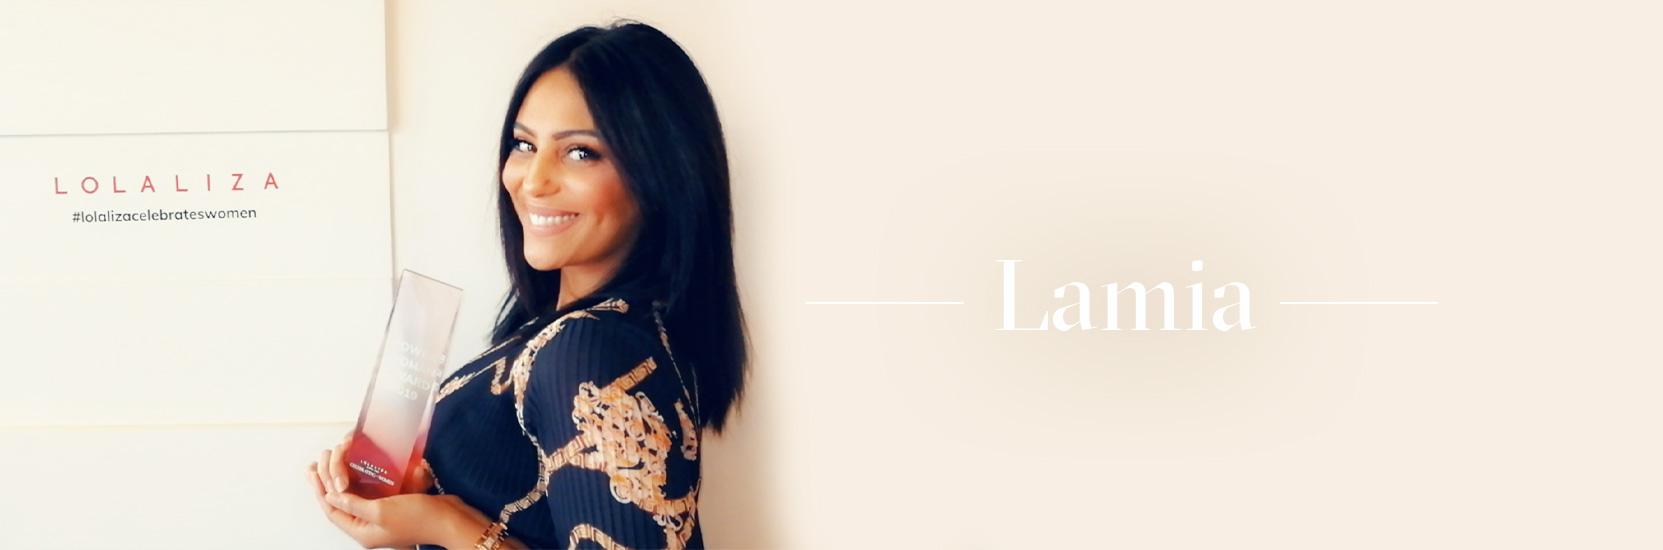 Women of LolaLiza Lamia